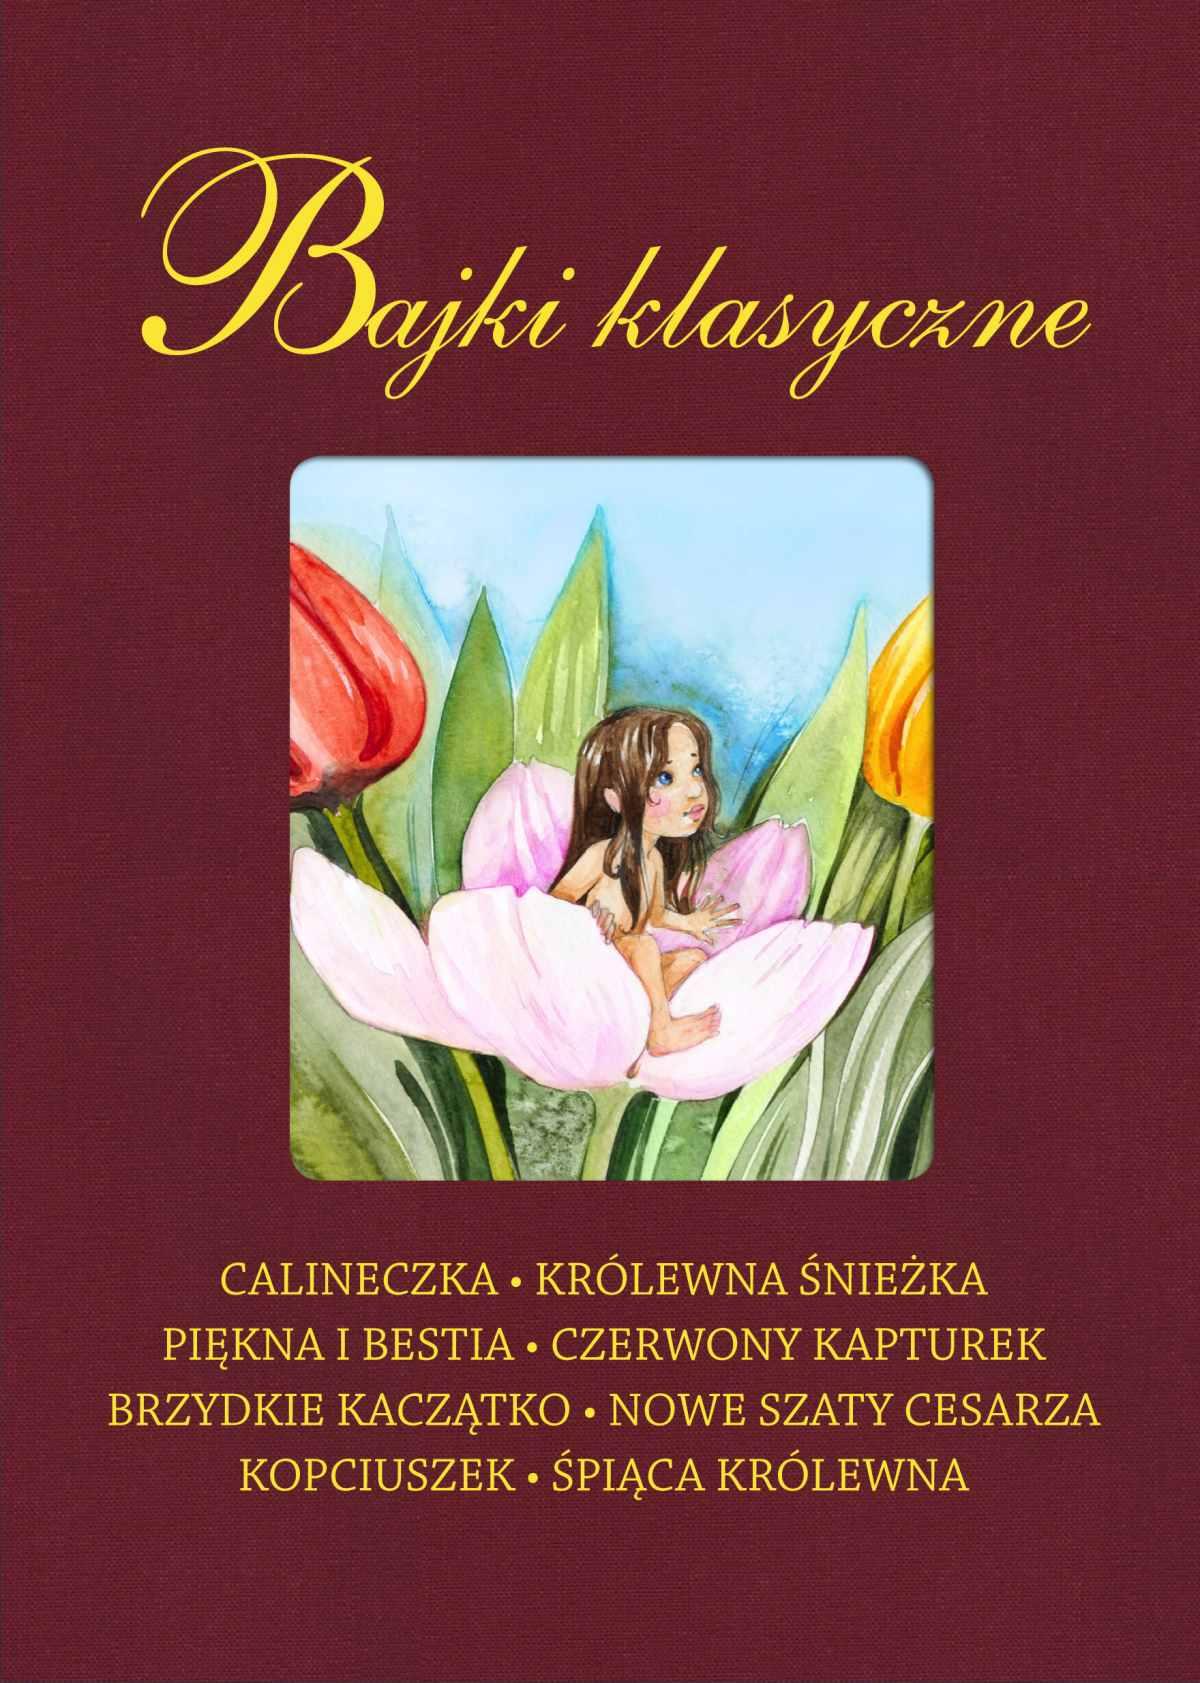 Bajki klasyczne - Ebook (Książka PDF) do pobrania w formacie PDF